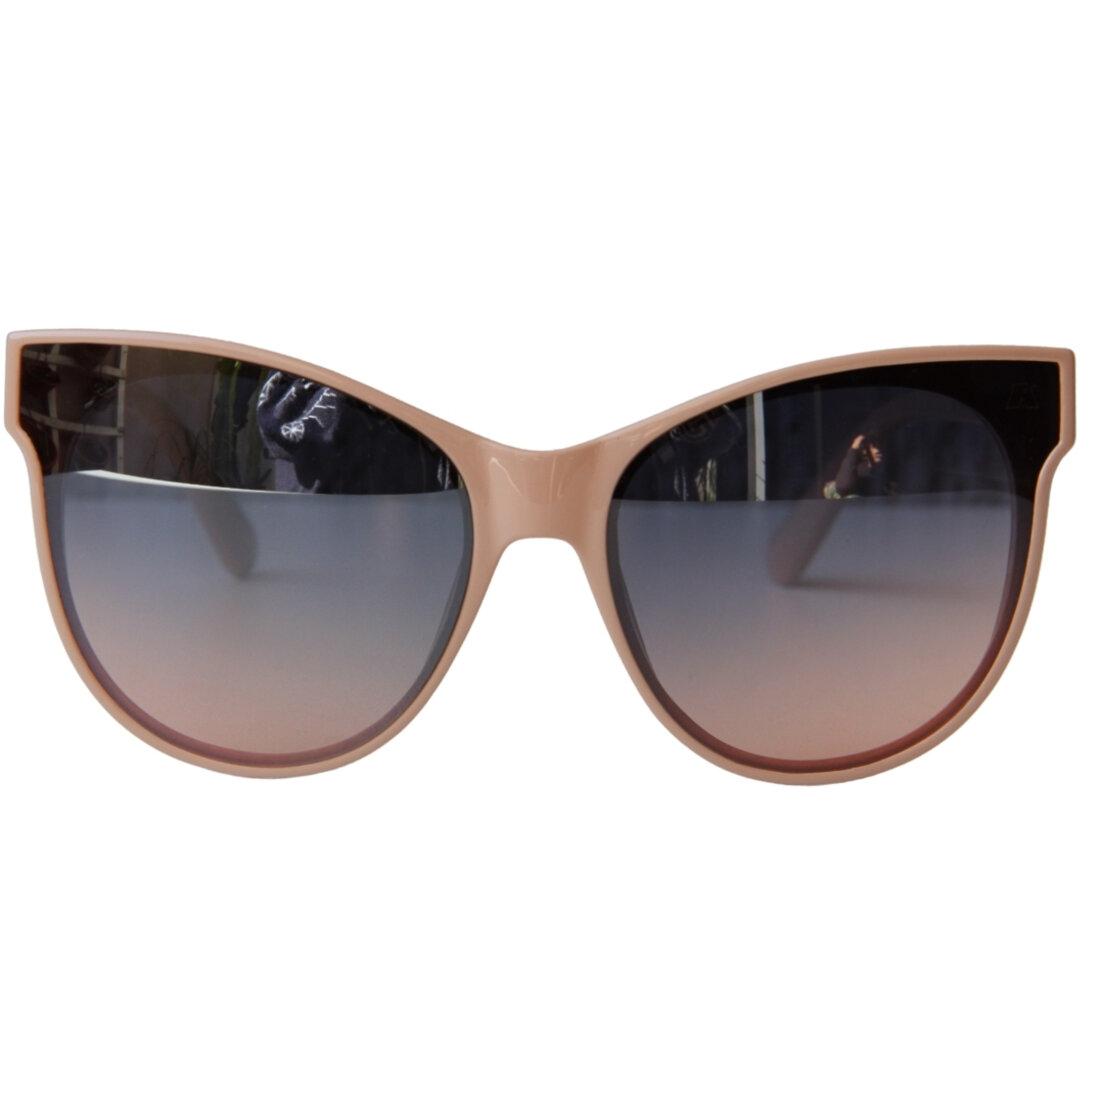 OUTLET - Óculos de Sol Khatto Cat - Nude